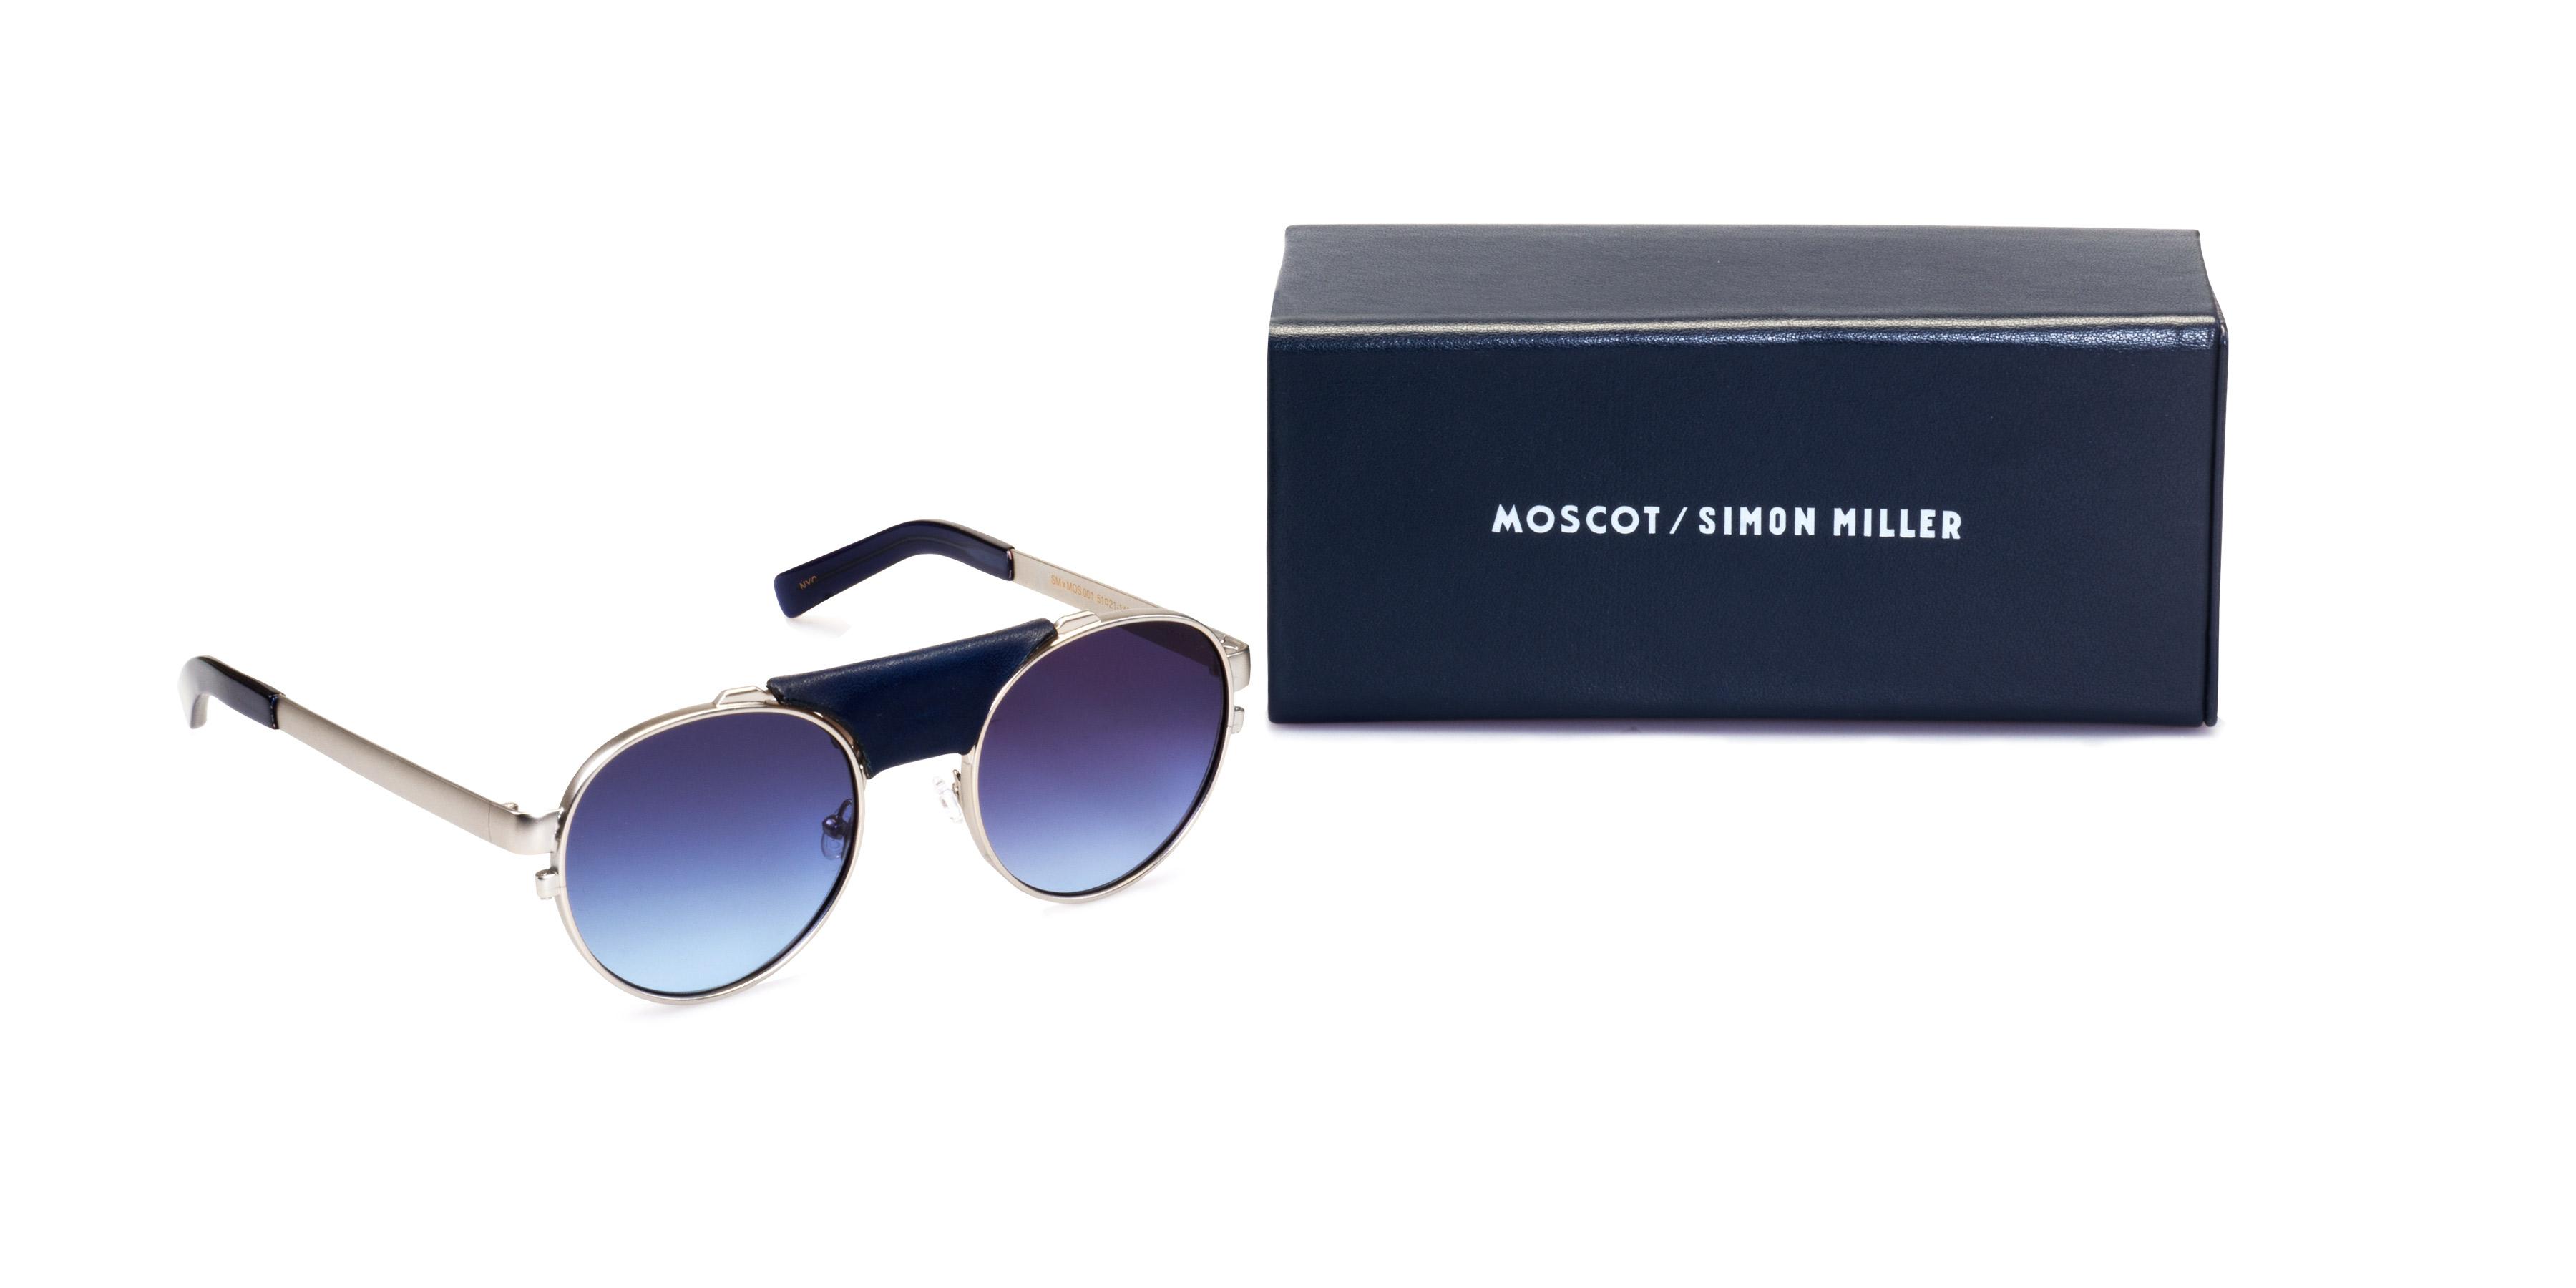 James Bond Lifestyle Sunglasses Heritage Malta